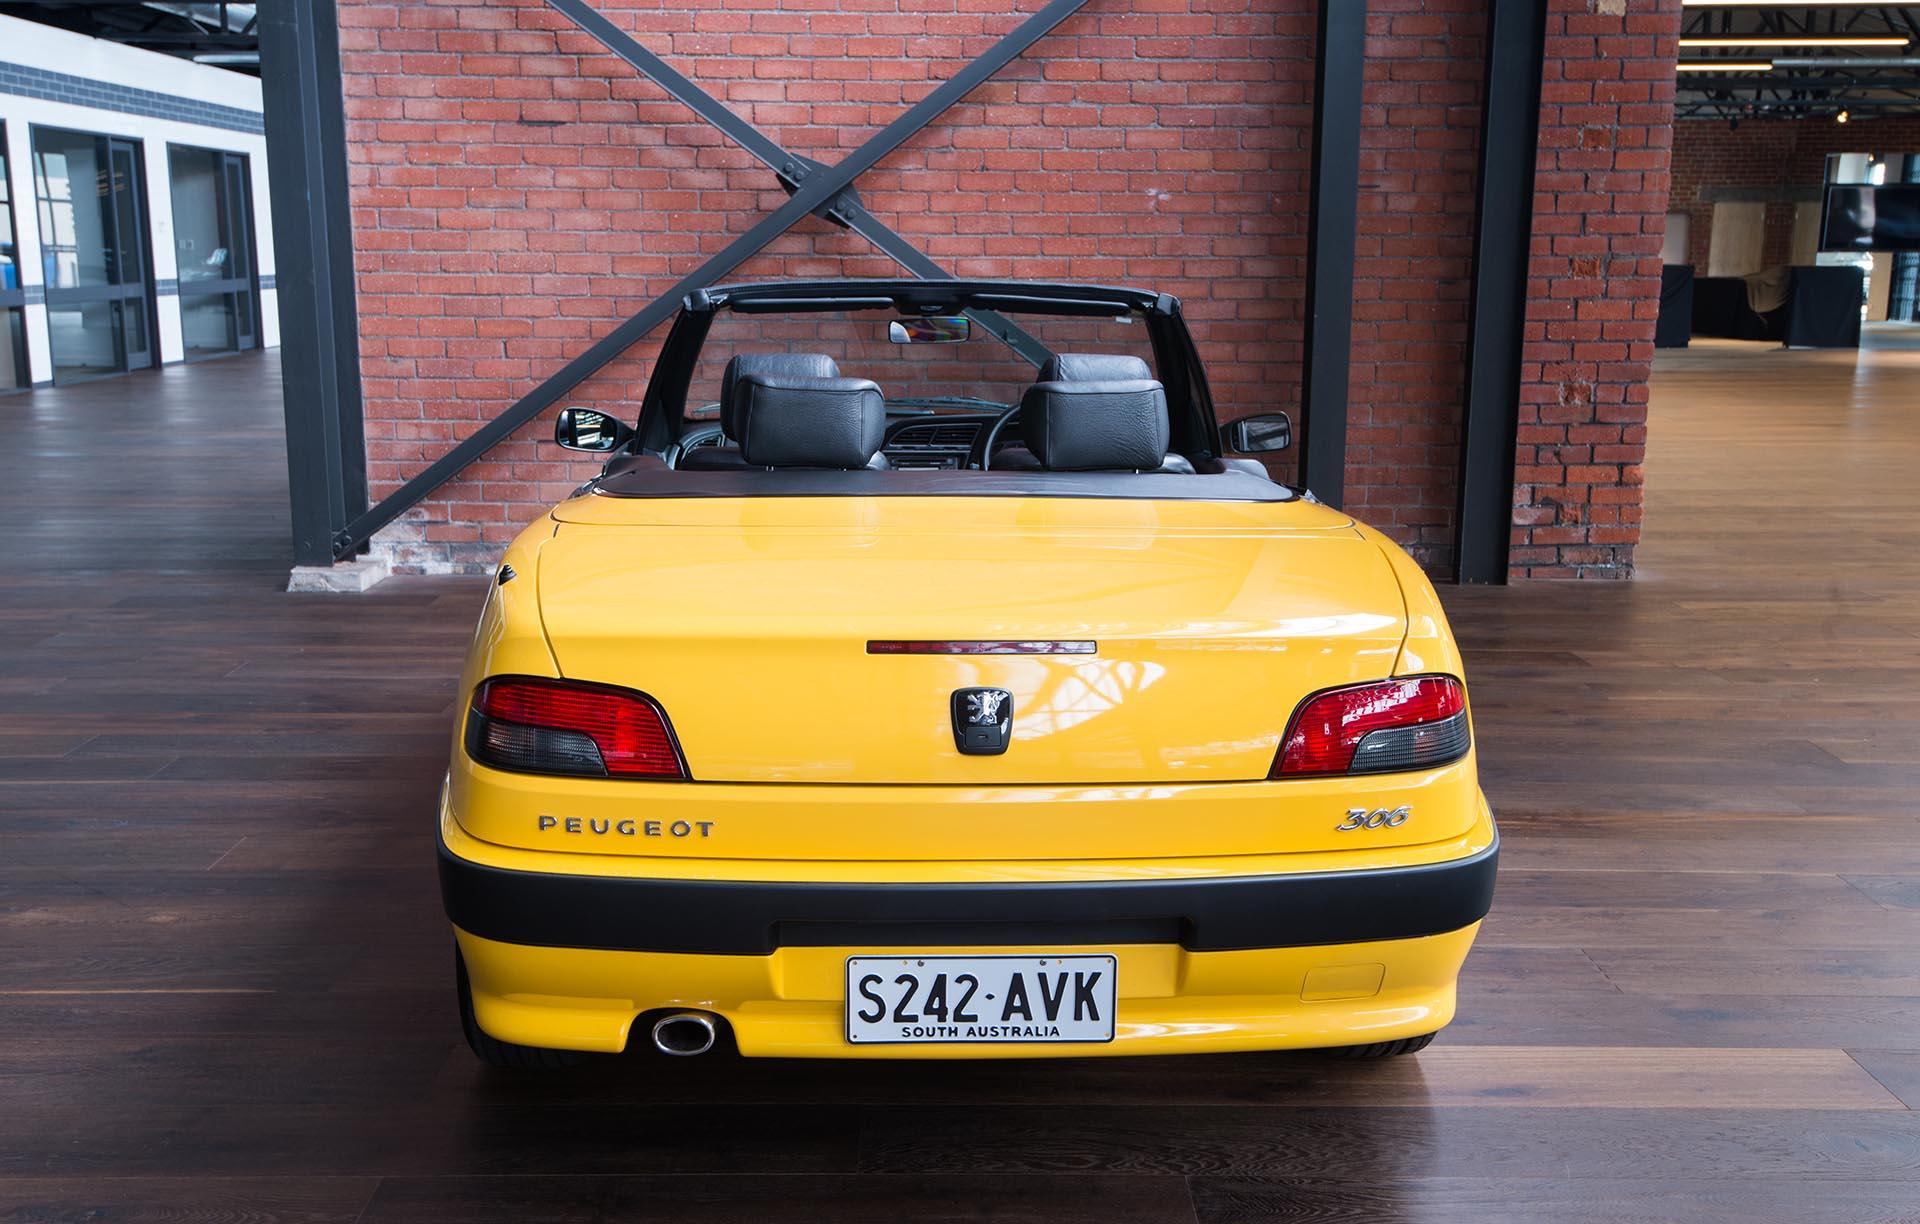 2001 Peugeot 306 Cabriolet For Sale Richmonds Classic